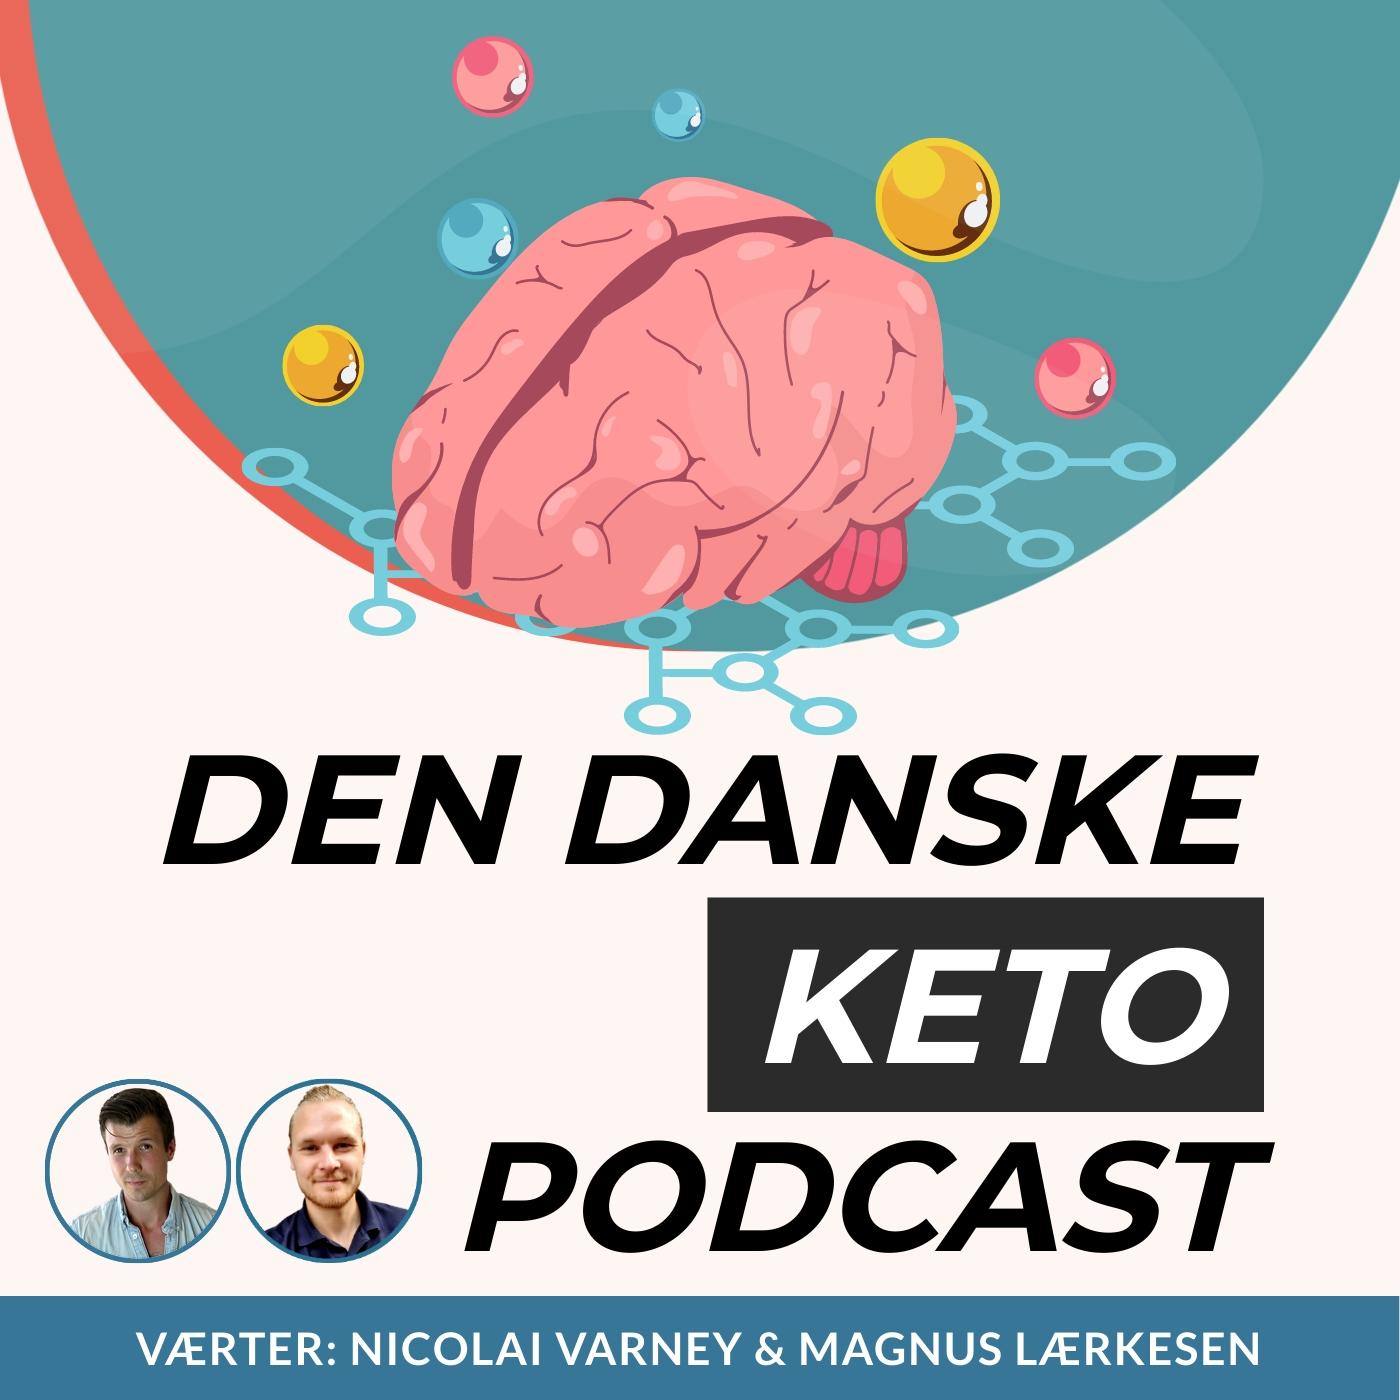 Den danske Keto podcast show art